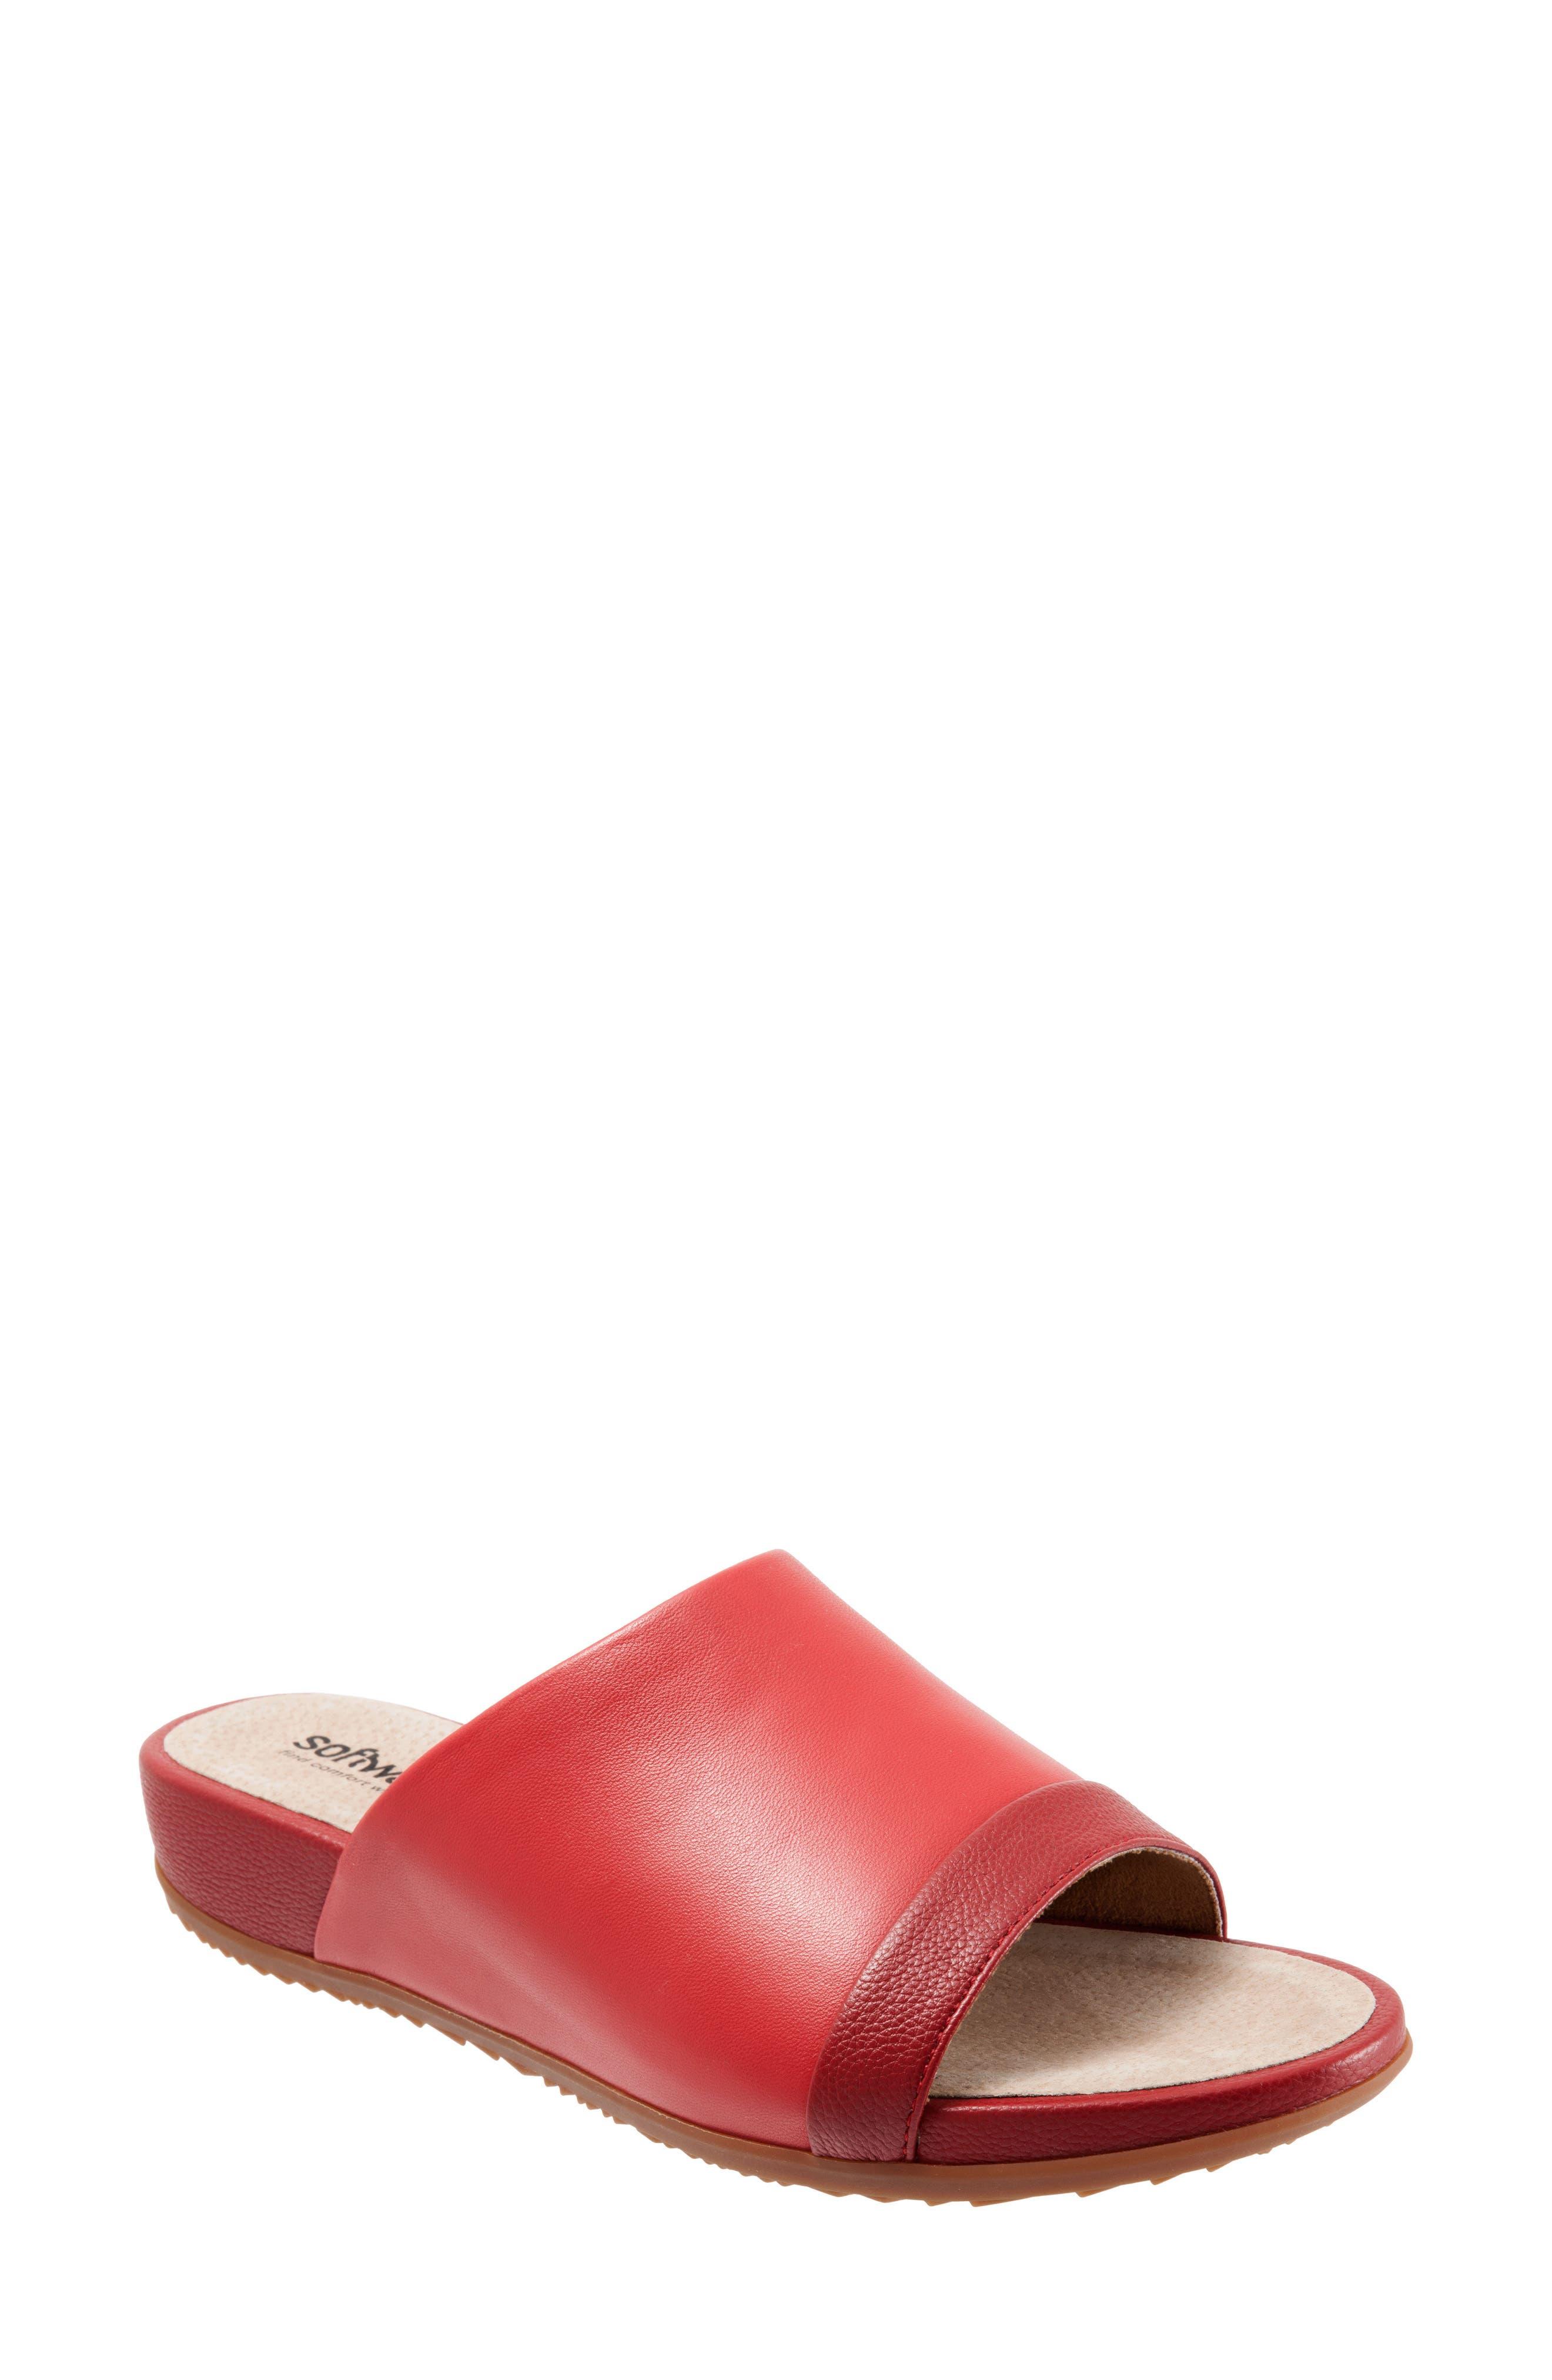 SOFTWALK<SUP>®</SUP> Del Mar Slide Sandal, Main, color, RED LEATHER